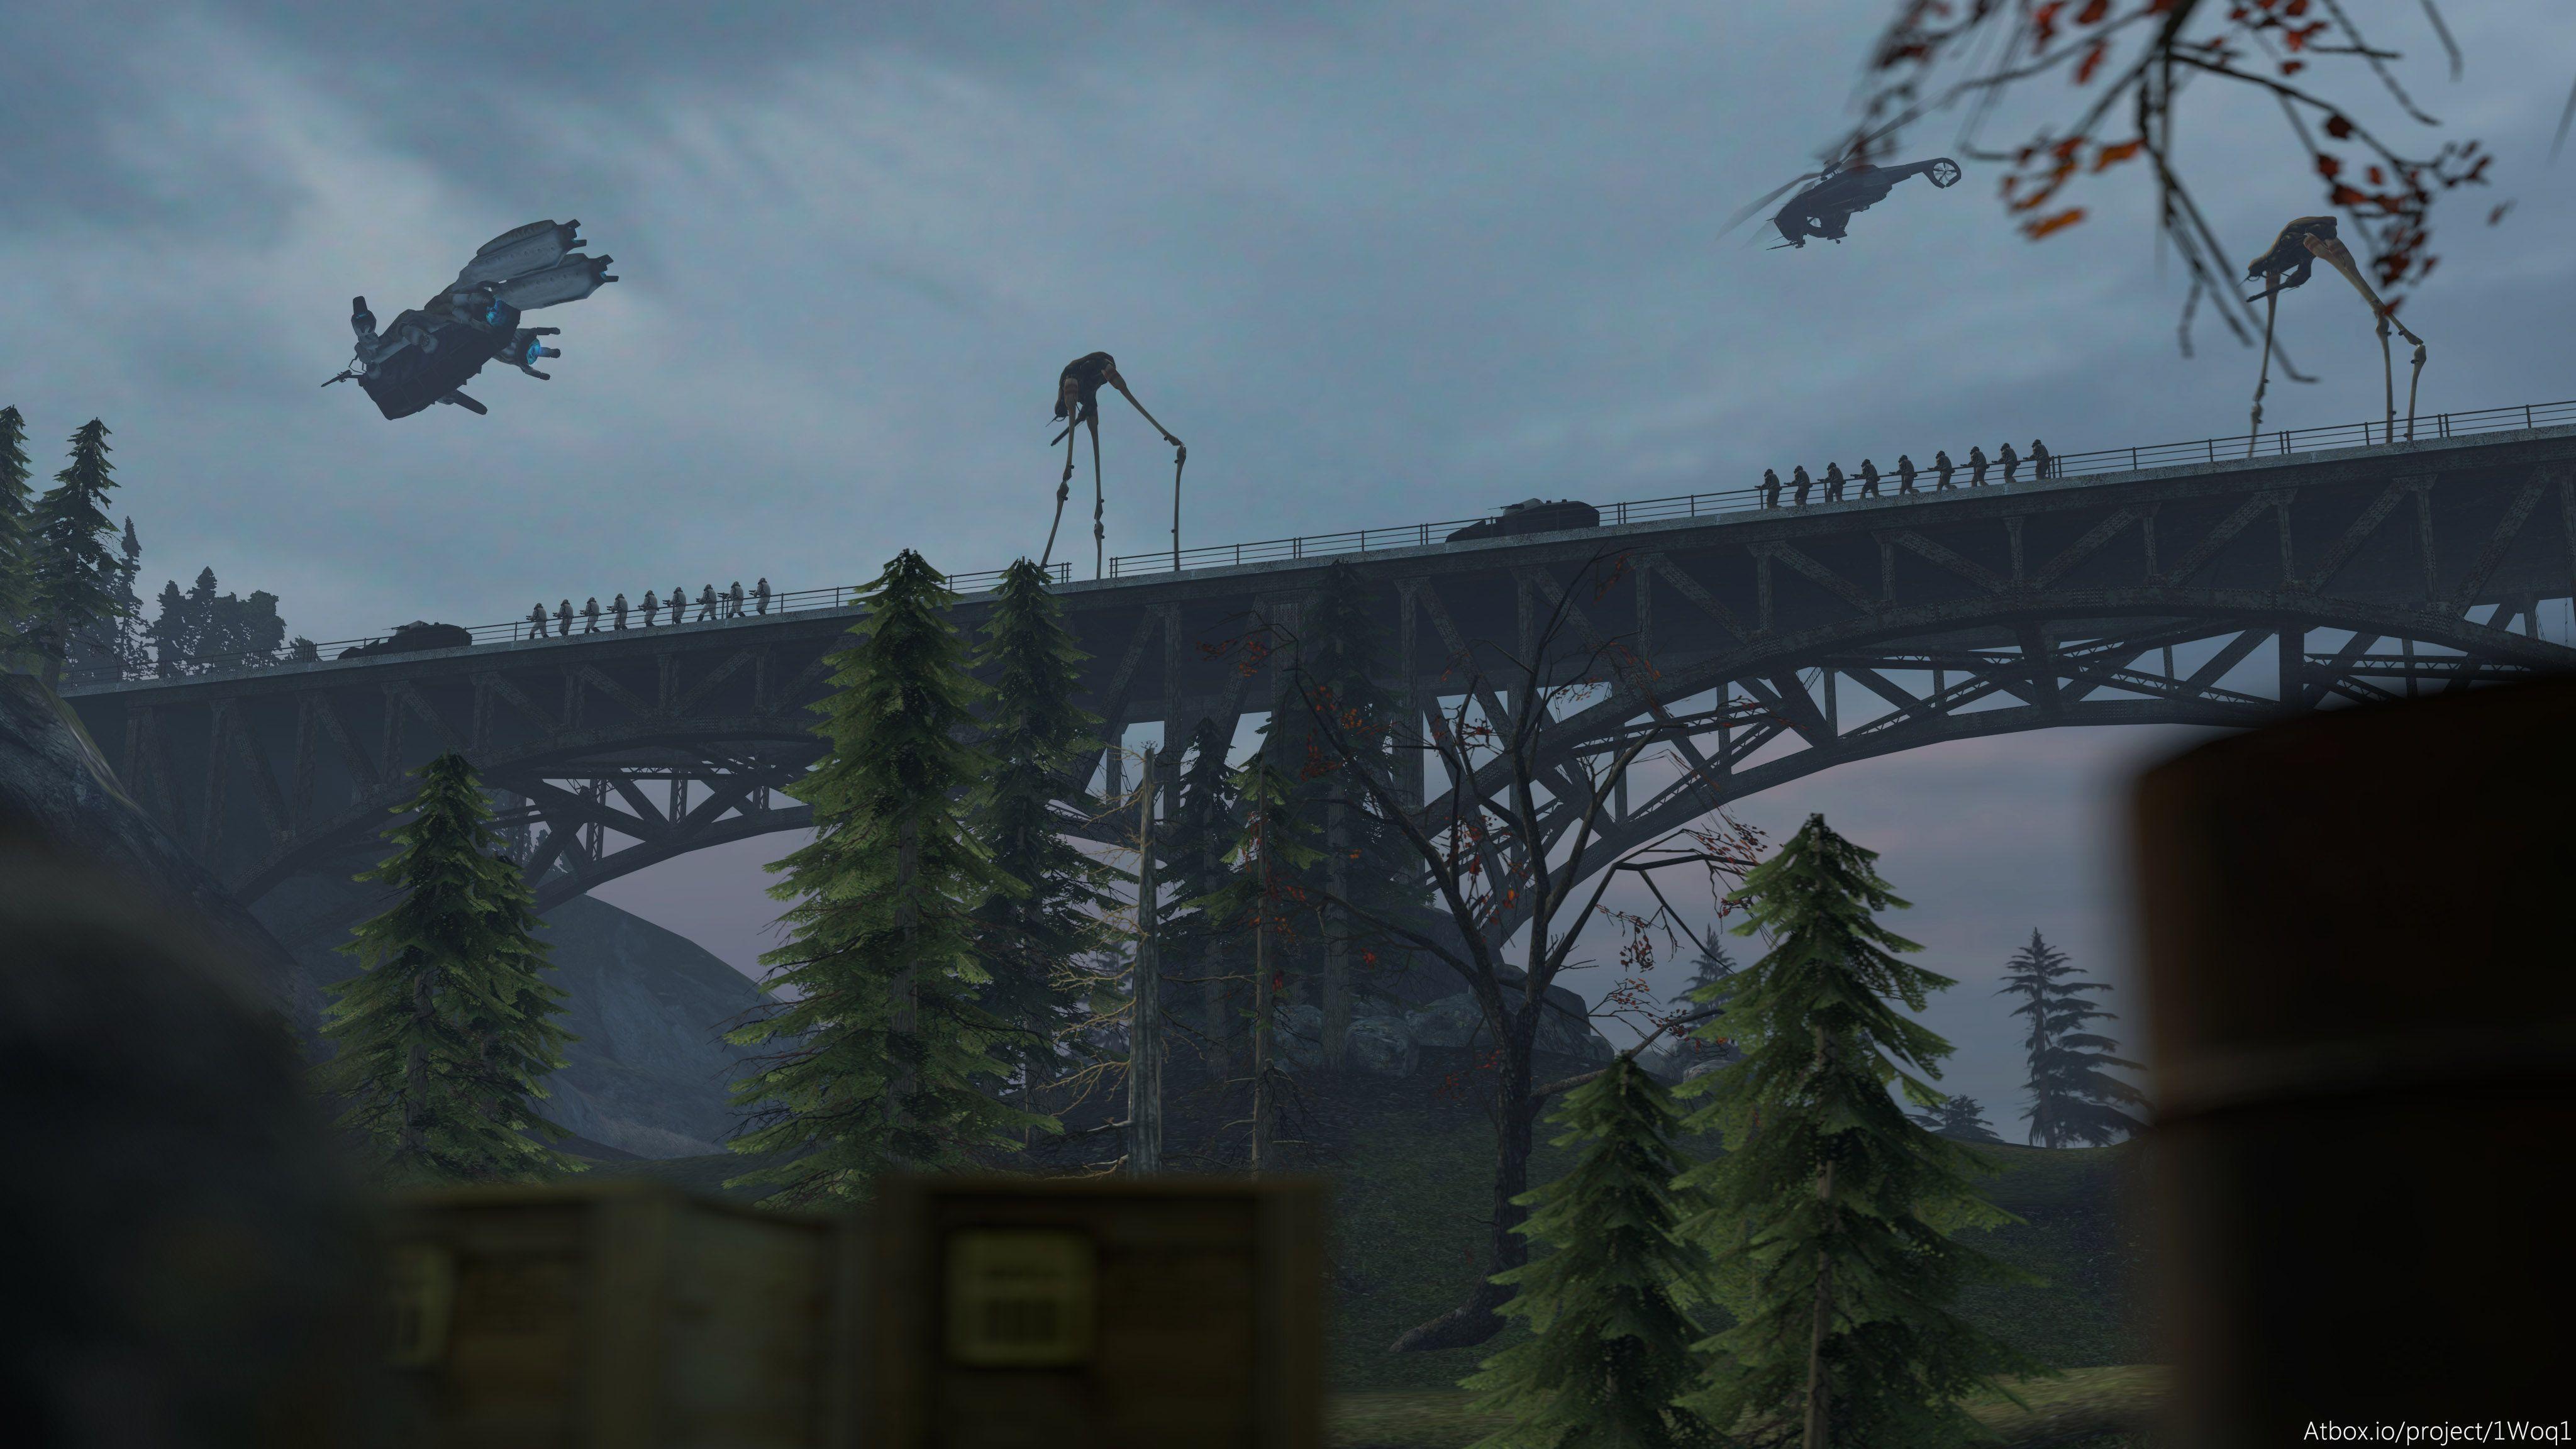 Half Life 2 Combine Wallpaper: Combine Wallpapers